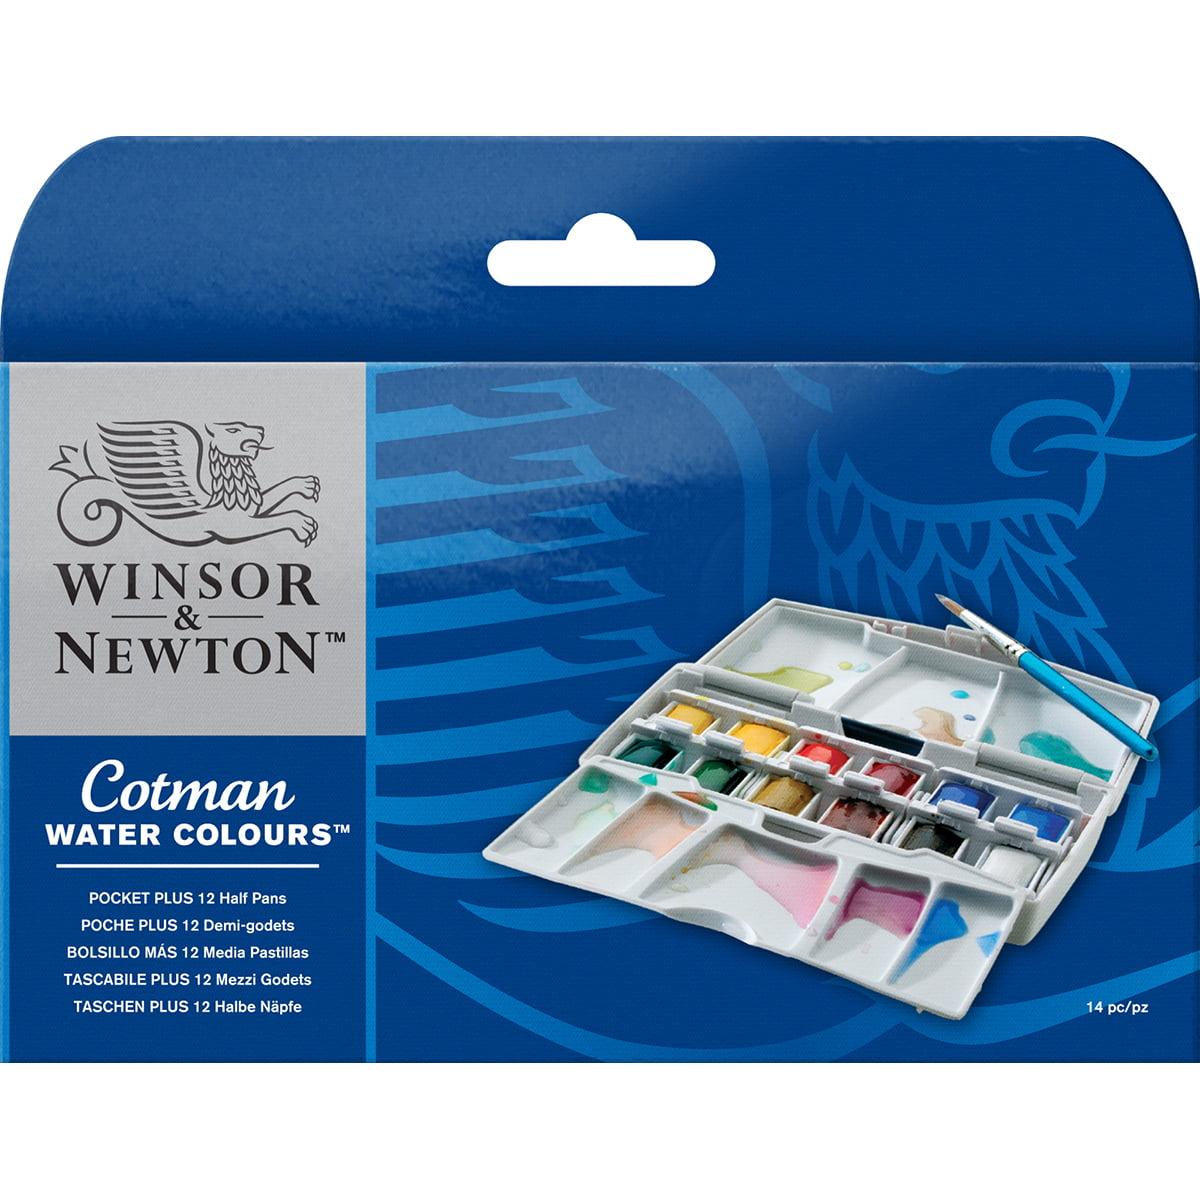 Winsor & Newton Cotman Water Colours Pocket Plus 12 Half Pens